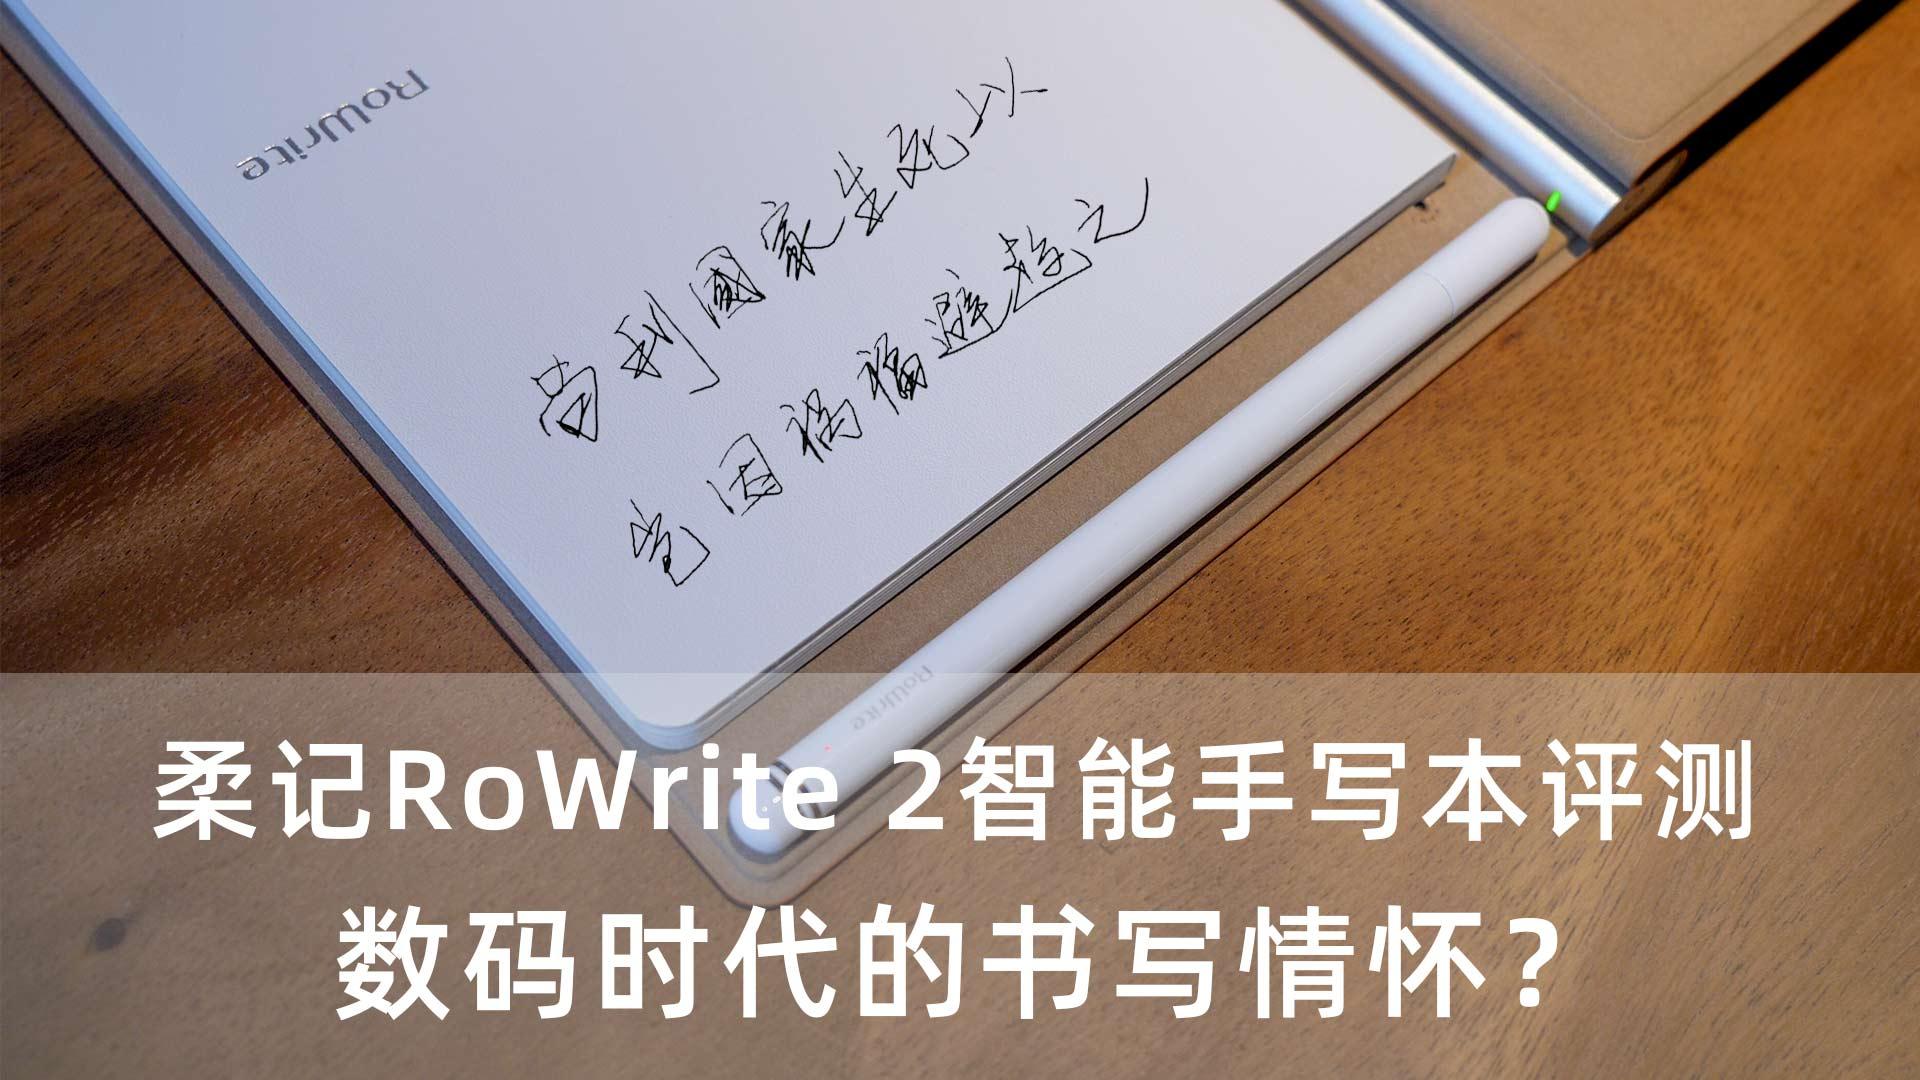 柔记RoWrite 2智能手写本评测:数码时代的书写情怀?